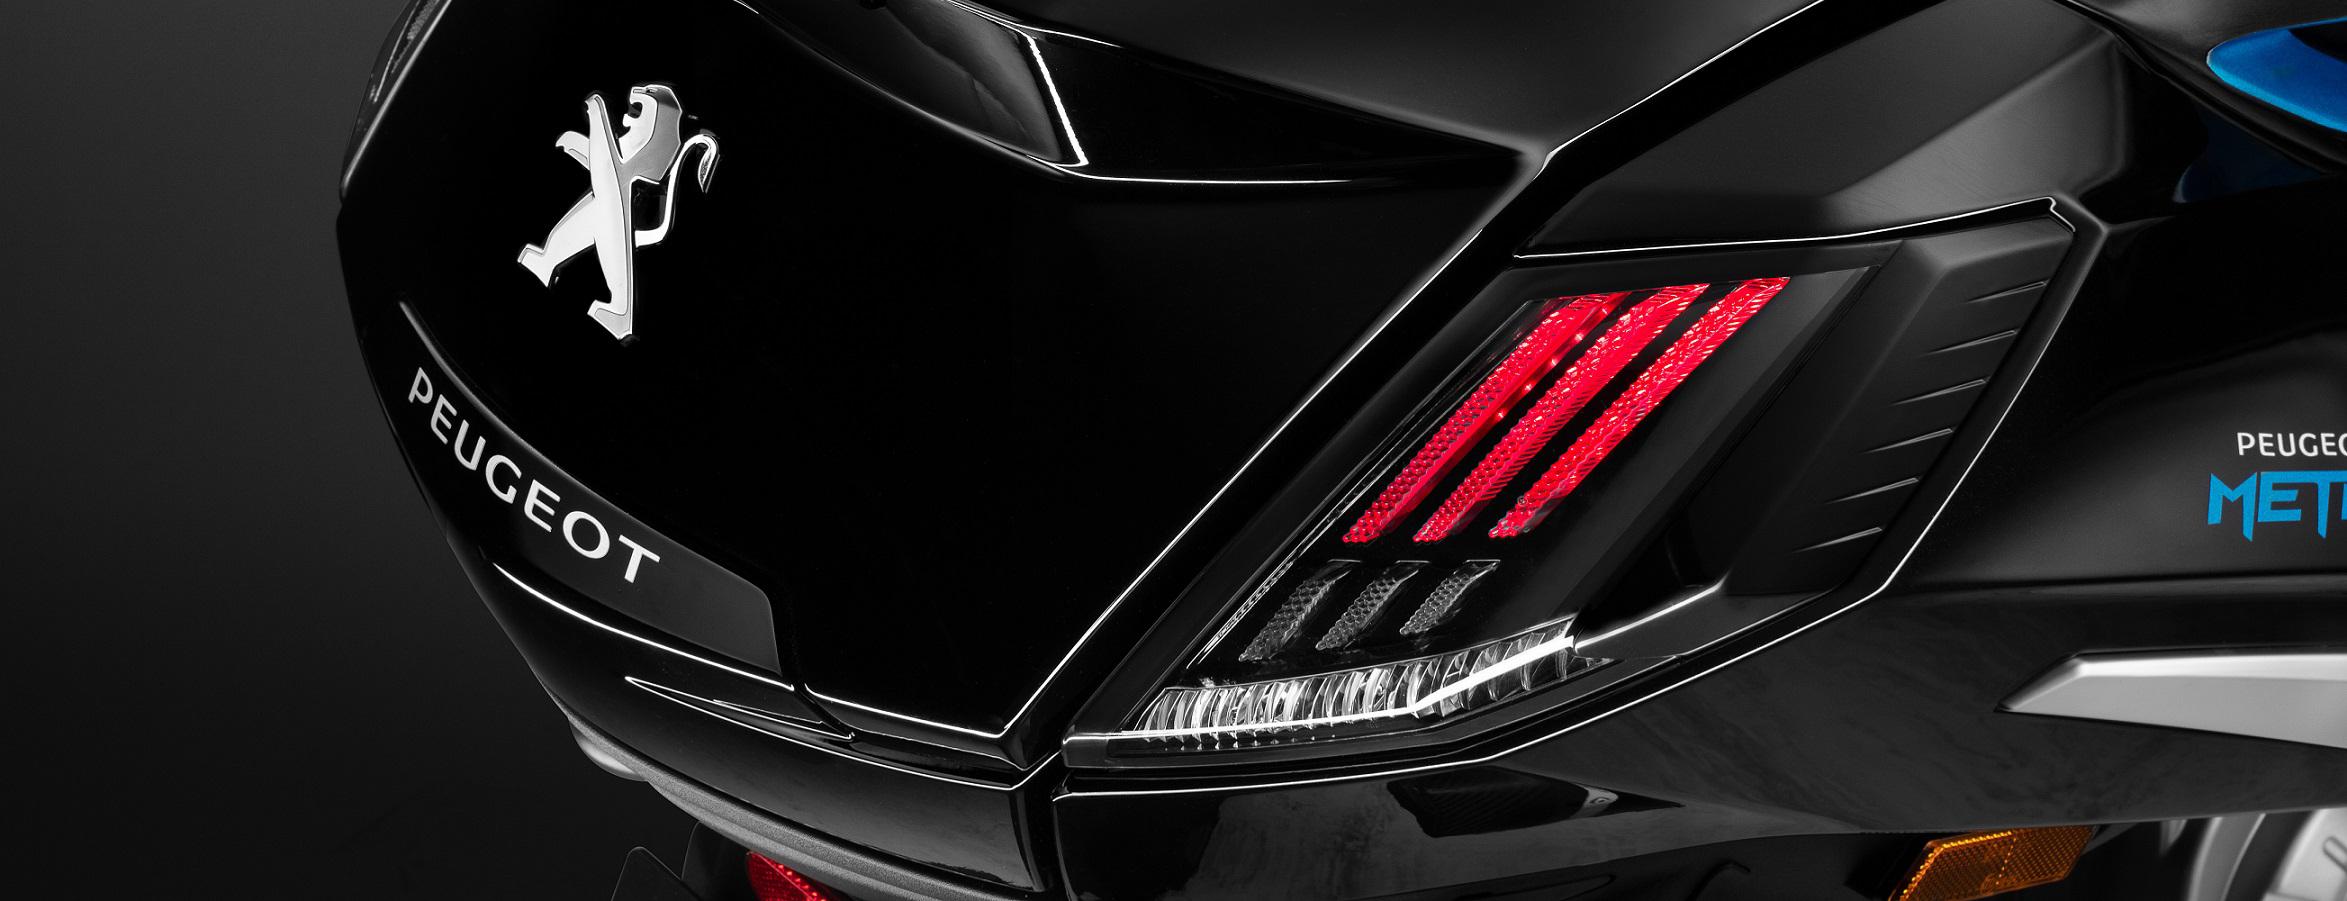 Peugeot Metropolis RS Concept, lo nuevo de 3 ruedas